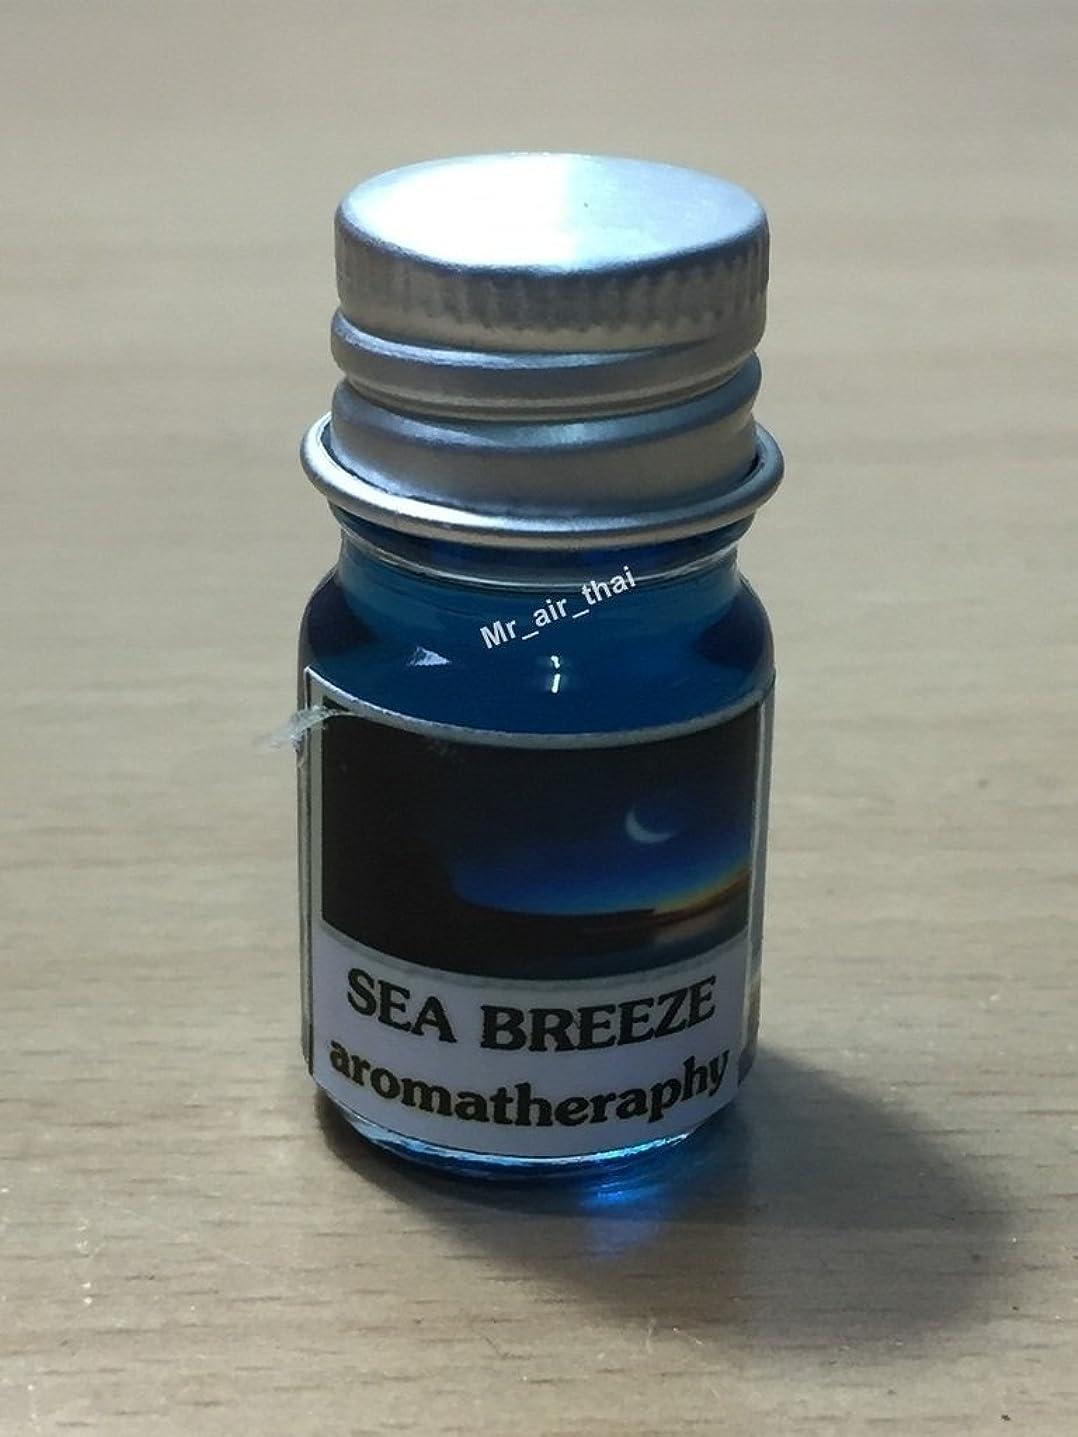 書くヘッジ買収5ミリリットルアロマ潮風フランクインセンスエッセンシャルオイルボトルアロマテラピーオイル自然自然5ml Aroma Sea Breeze Frankincense Essential Oil Bottles Aromatherapy Oils natural nature